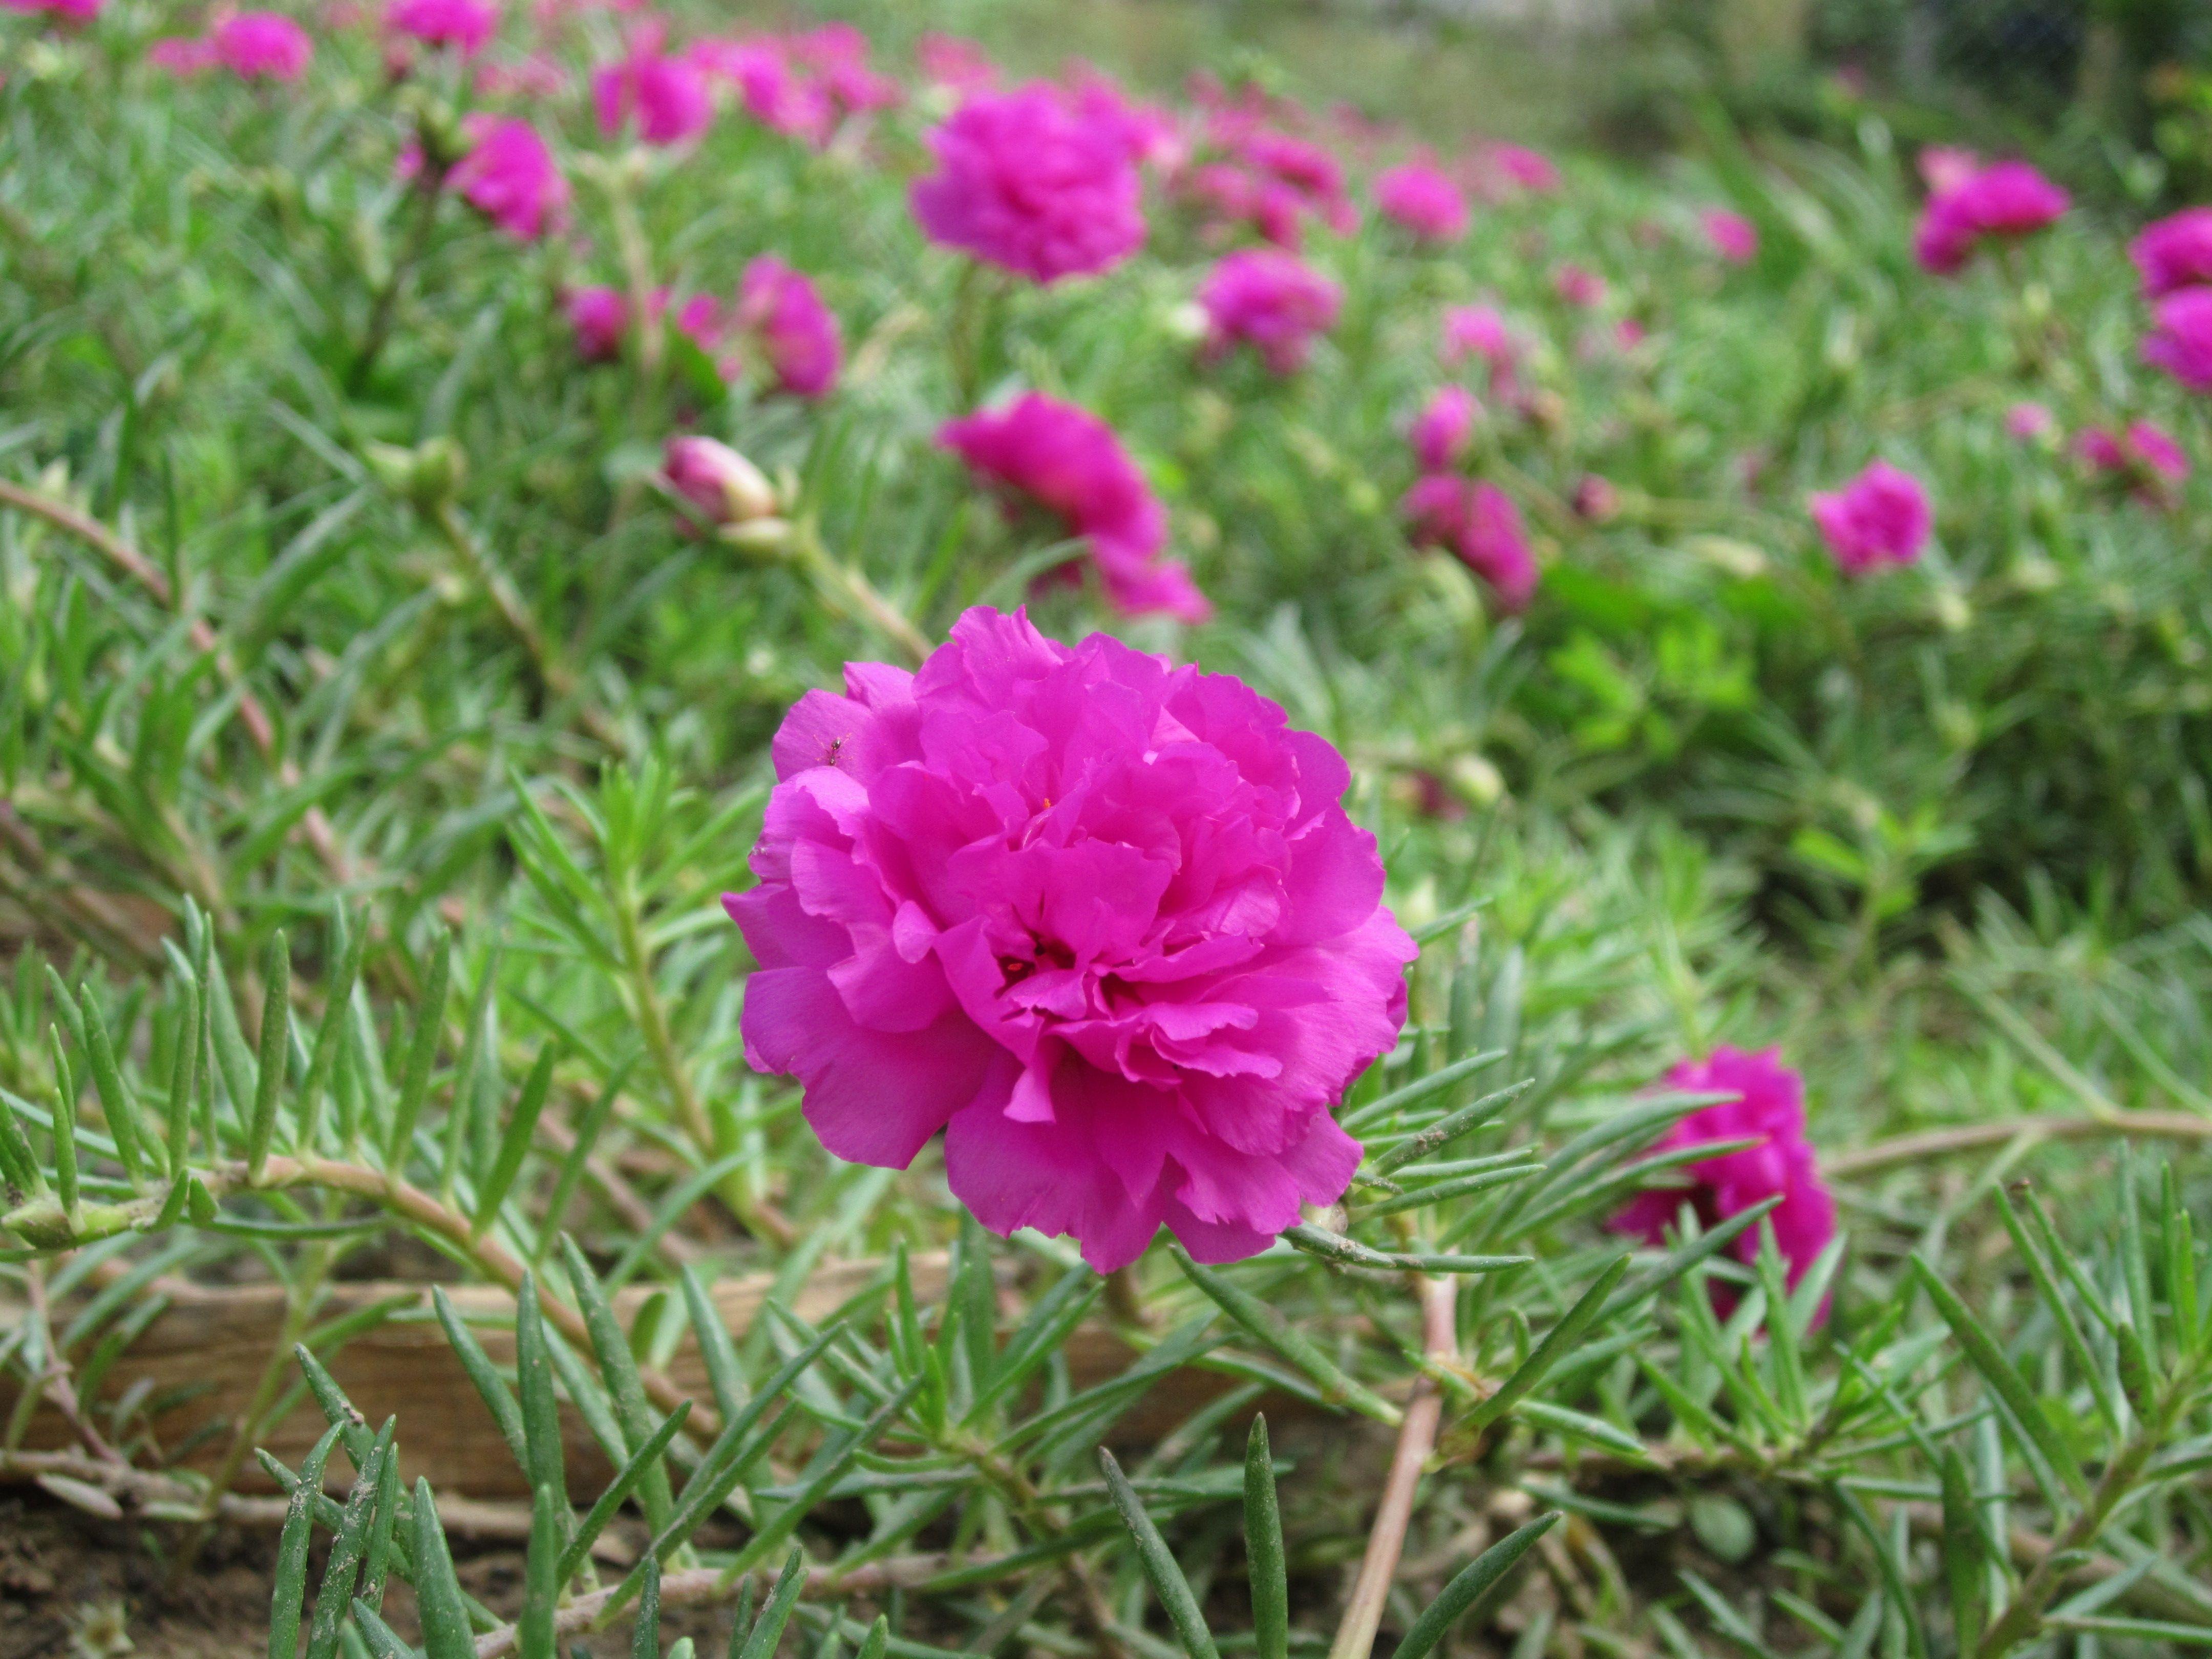 Hoa mười giờ màu tím rất đẹp